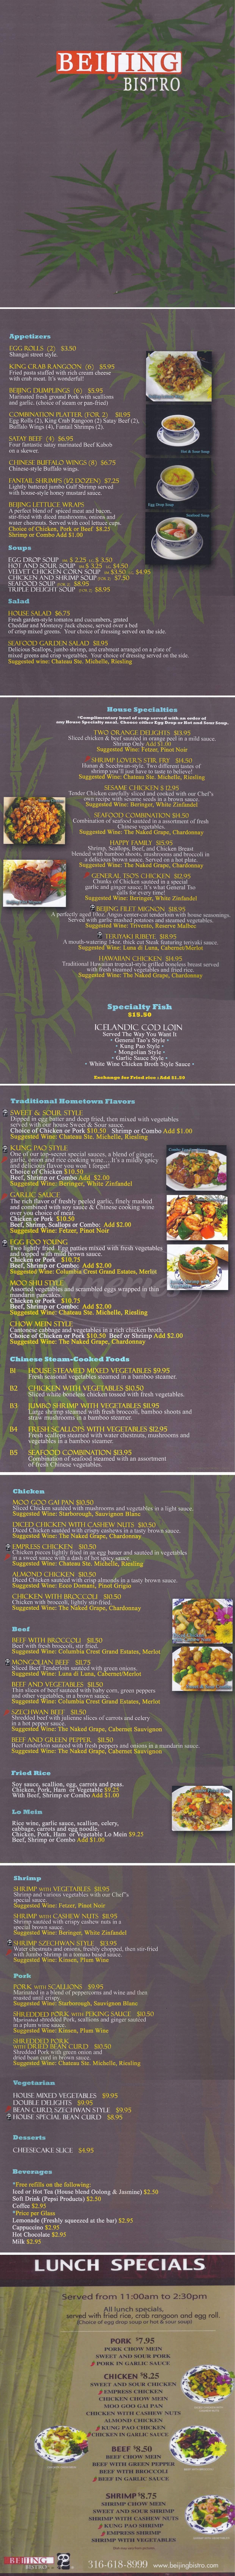 menu for Beijing Bistro